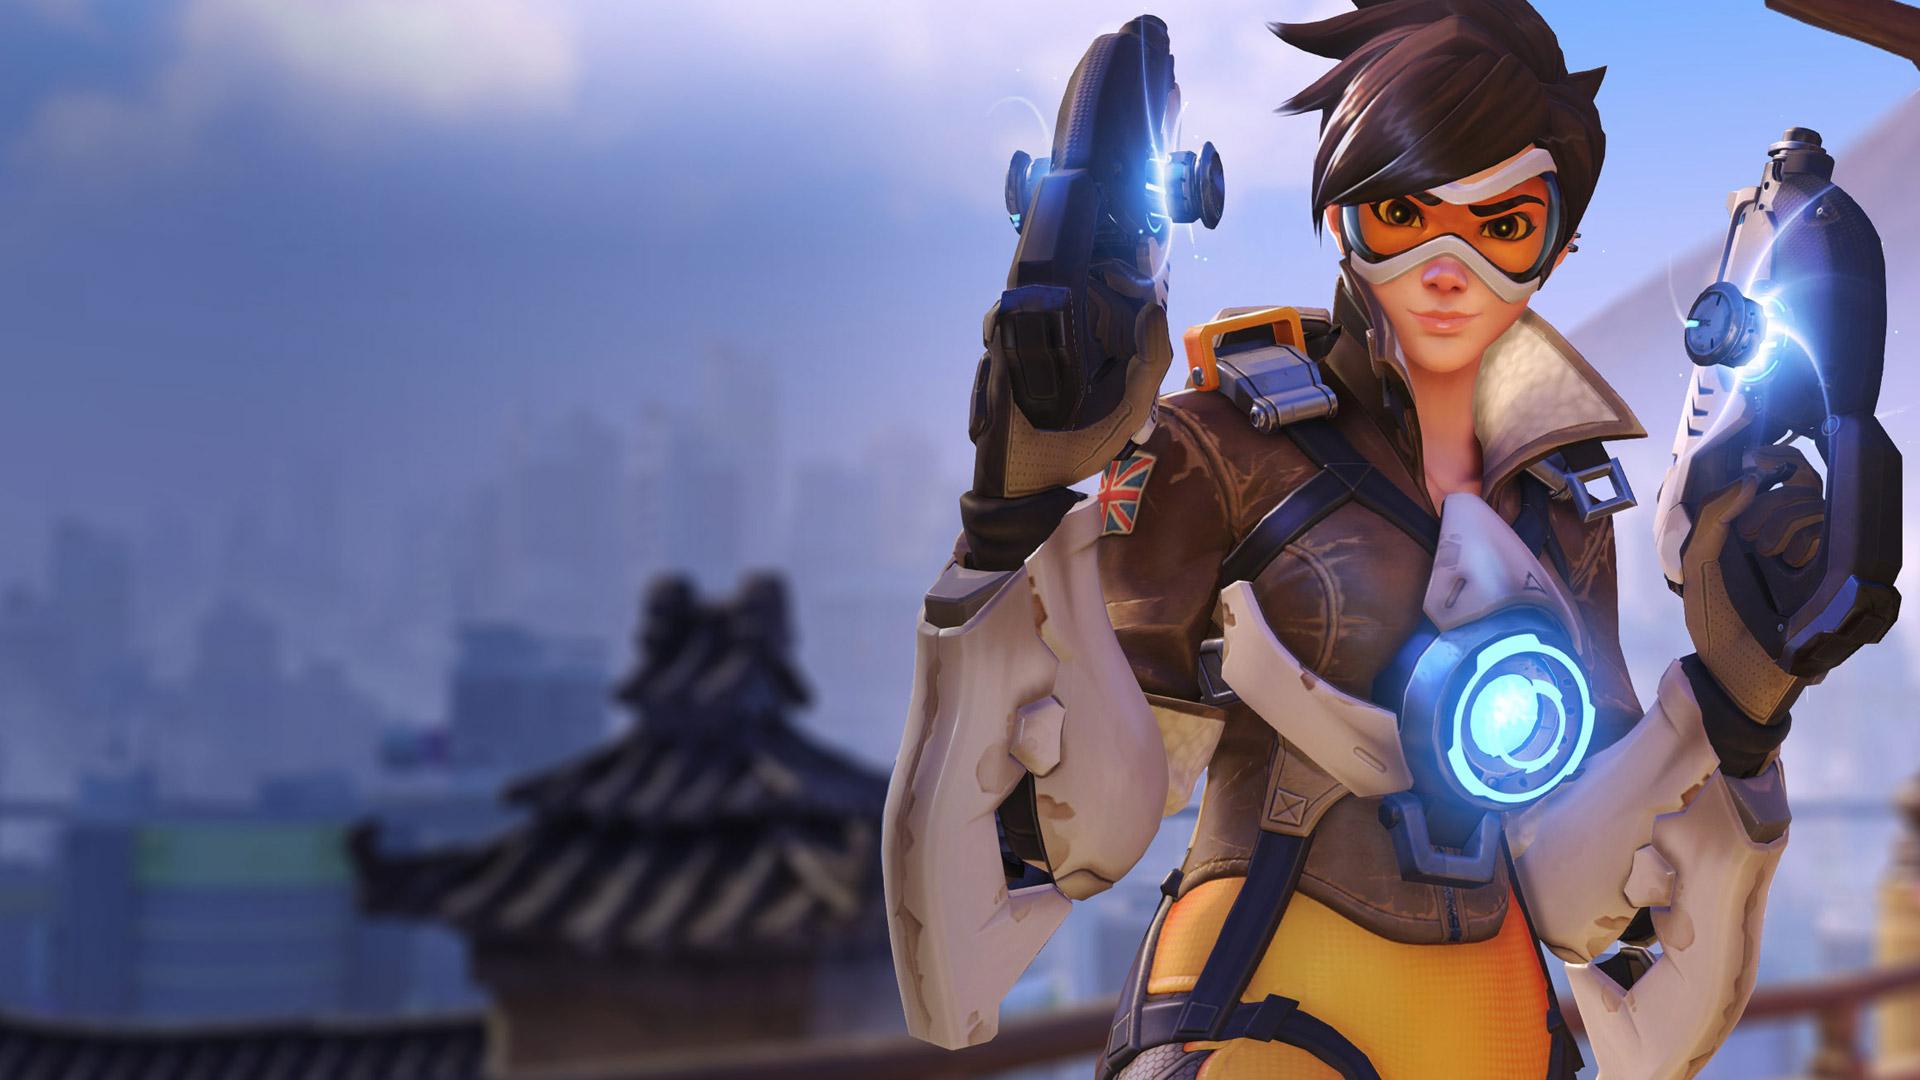 Overwatch : les logiciels de triche traqués par Blizzard